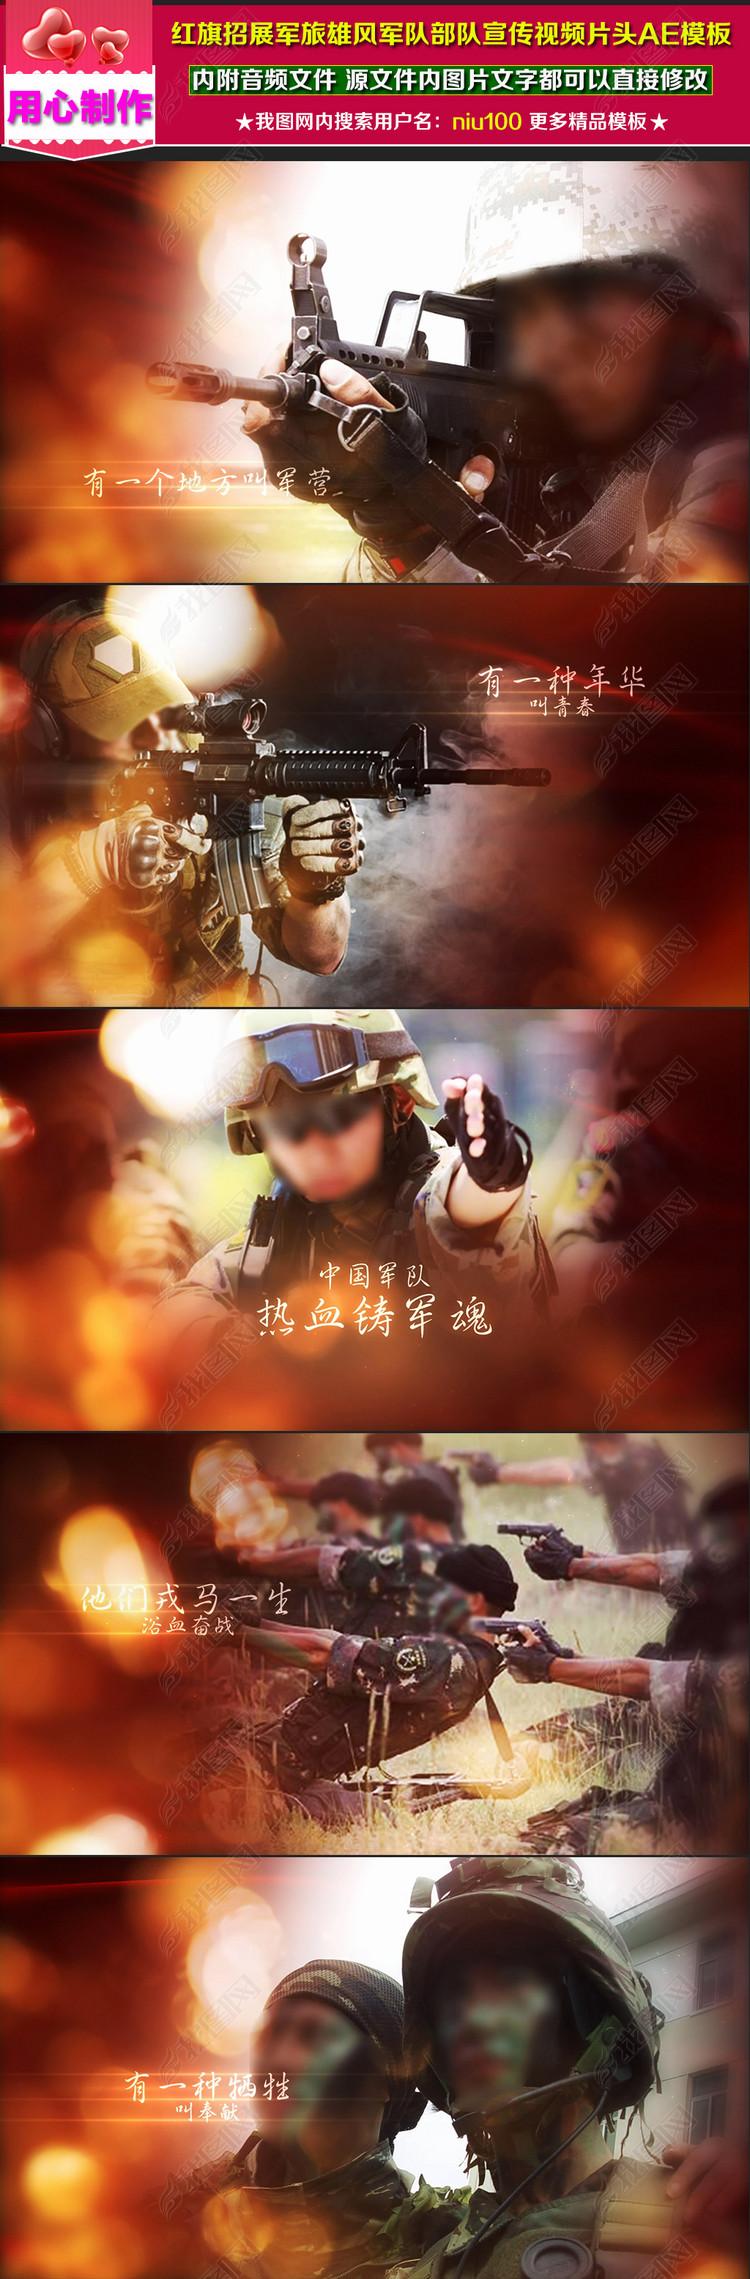 红旗招展军旅雄风军队部队宣传视频片头模板